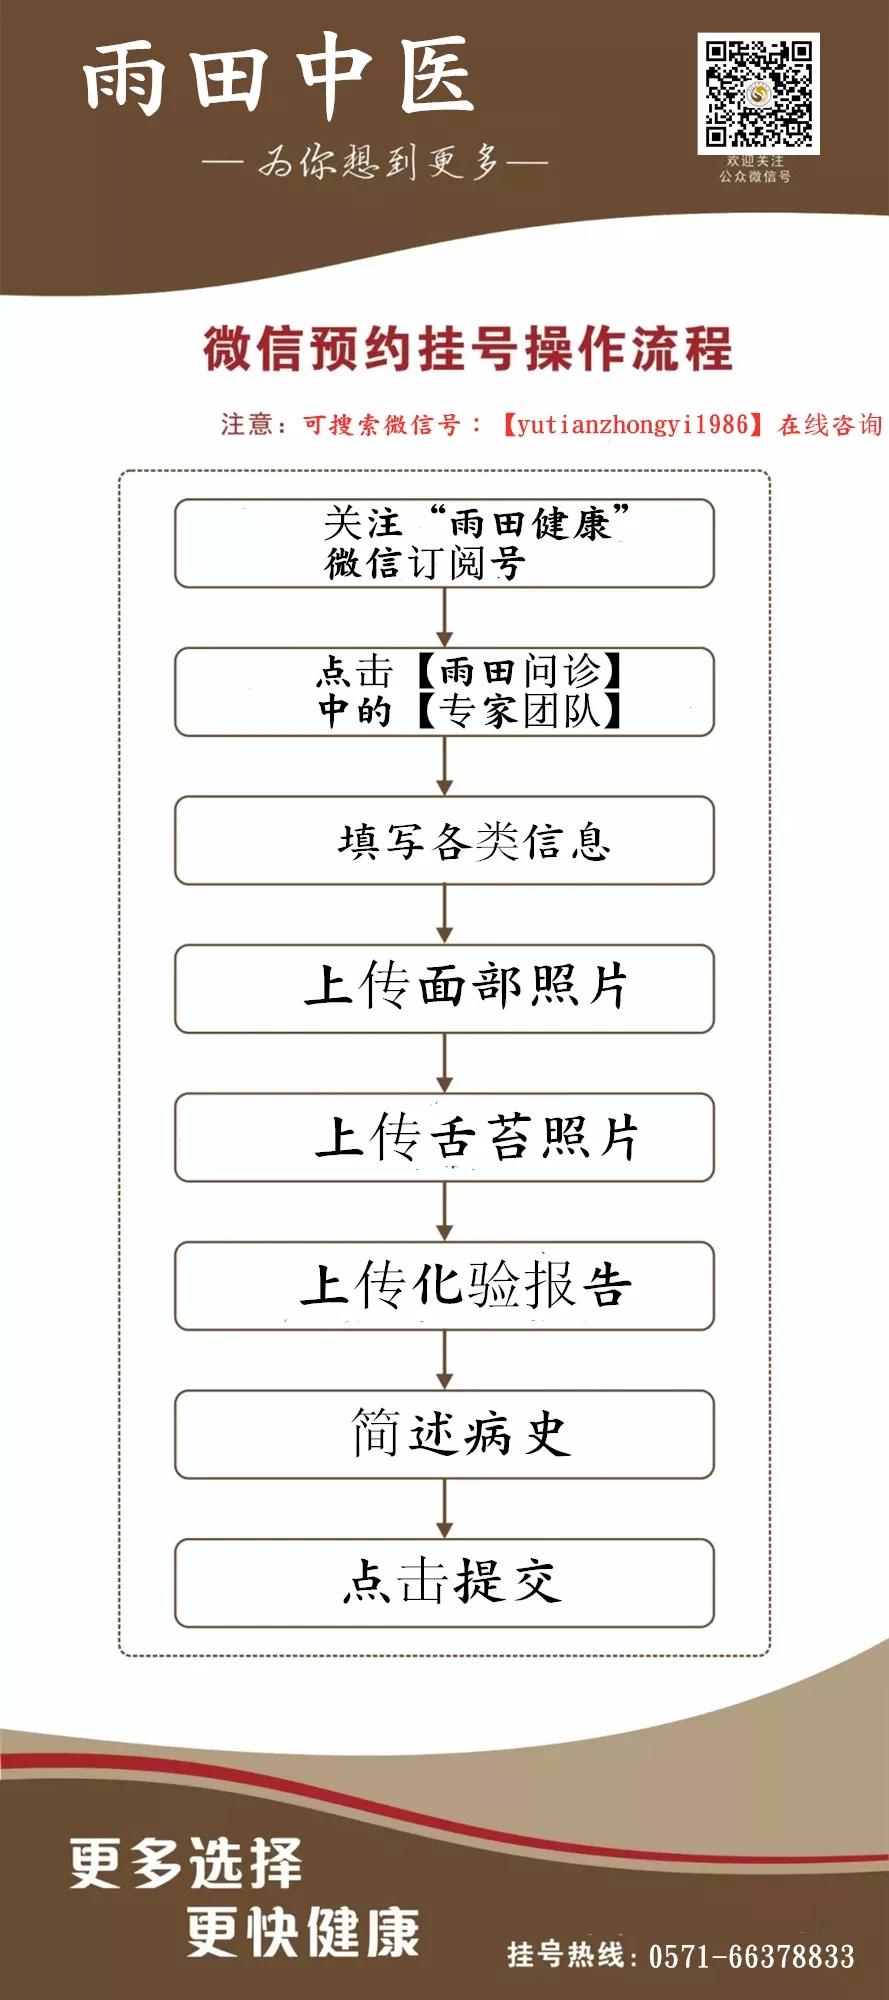 雨田中医手机微信挂号教程